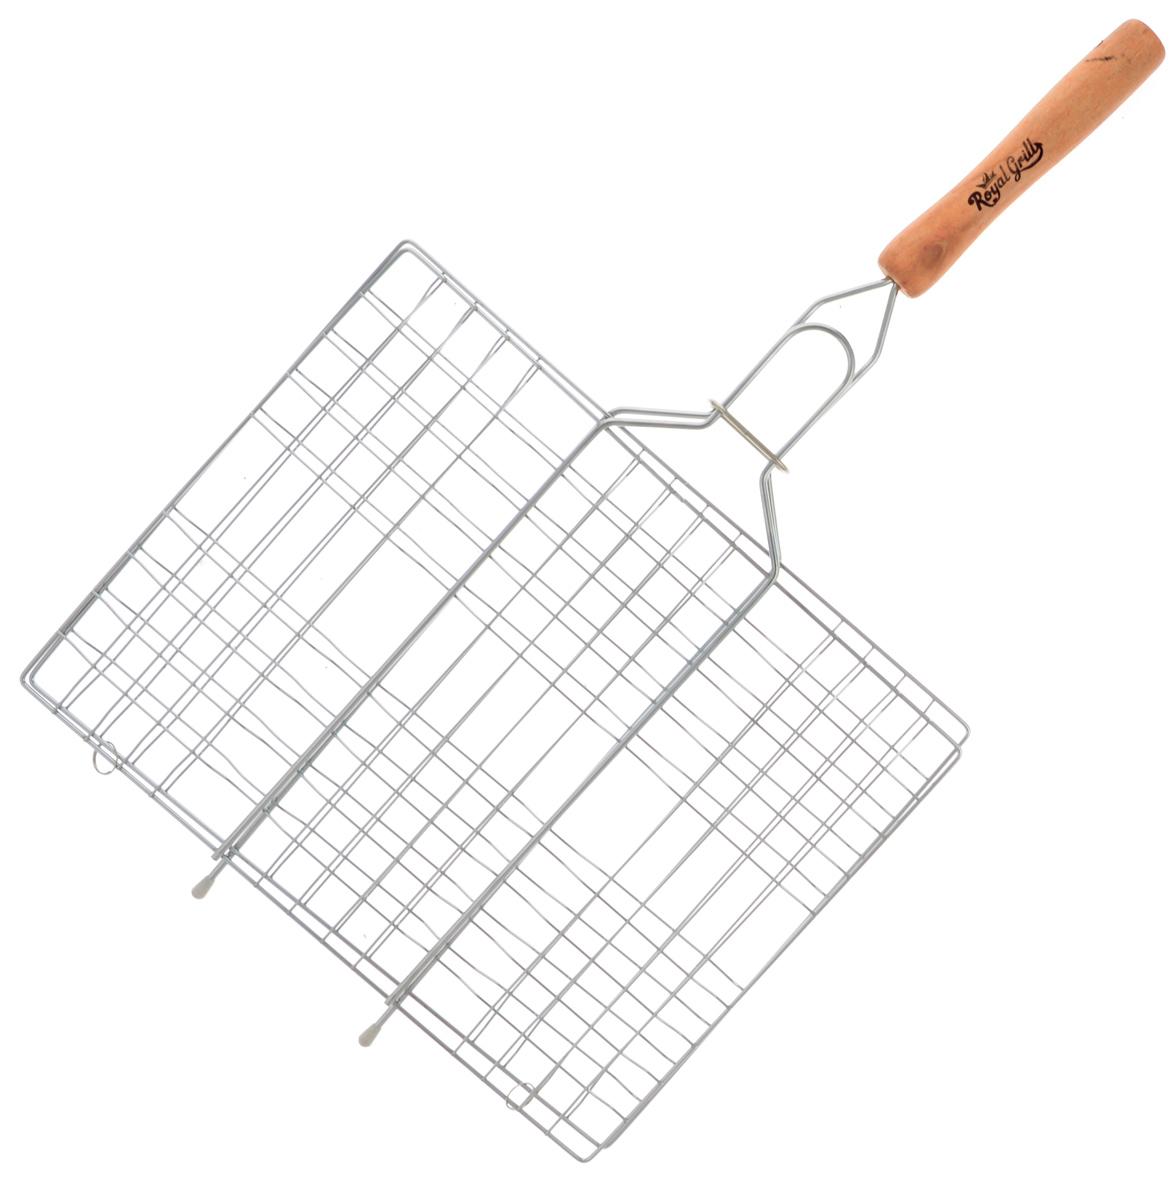 Решетка-гриль RoyalGrill, 31 х 24 см80-018Универсальная решетка-гриль RoyalGrill изготовлена из высококачественной стали. На решетке удобно размещать стейки, ребрышки, гамбургеры, сосиски, рыбу, овощи.Решетка предназначена для приготовления пищи на углях. Блюда получаются сочными, ароматными, с аппетитной специфической корочкой. Рукоятка изделия оснащена деревянной вставкой и фиксирующей скобой, которая зажимает створки решетки. Размер рабочей поверхности решетки (без учета усиков): 31 х 24 см.Общая длина решетки (с ручкой): 54 см.